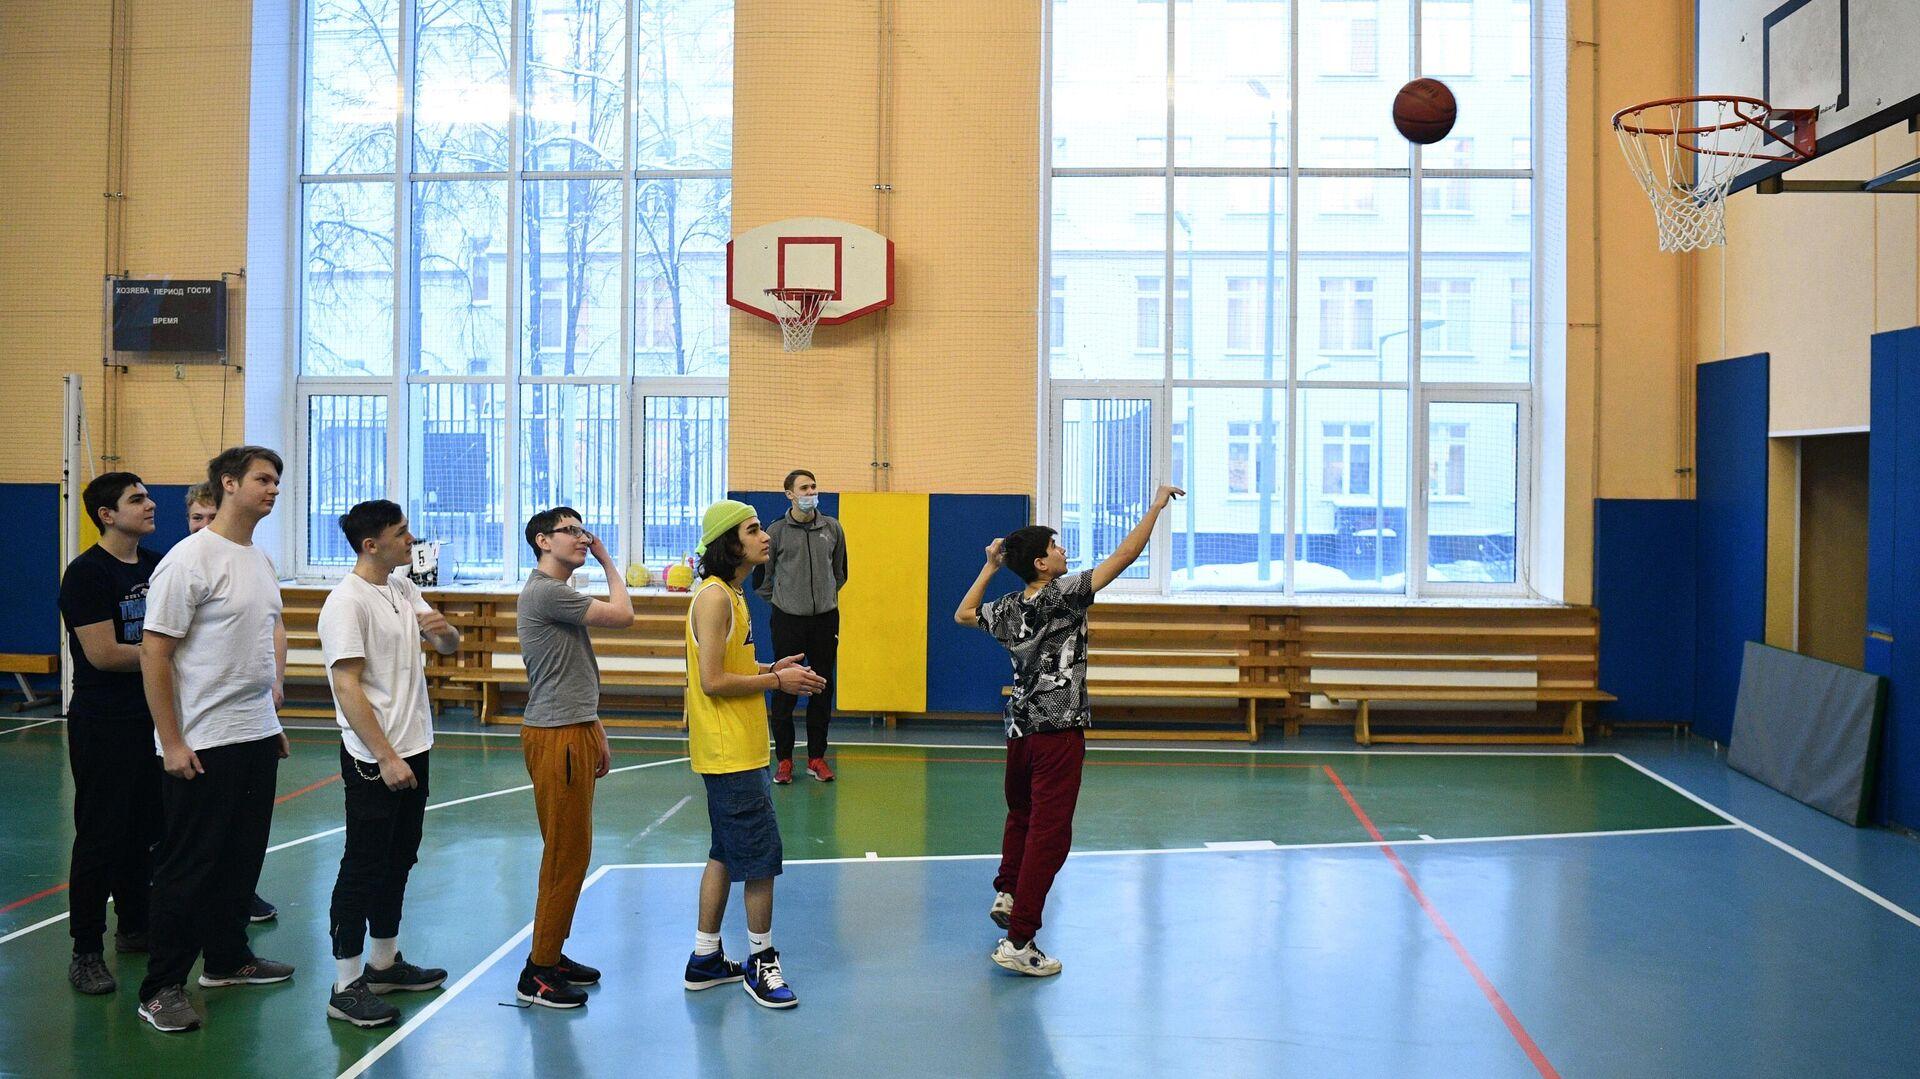 Учащиеся на уроке физкультуры в школе №429 в Москве - РИА Новости, 1920, 25.03.2021